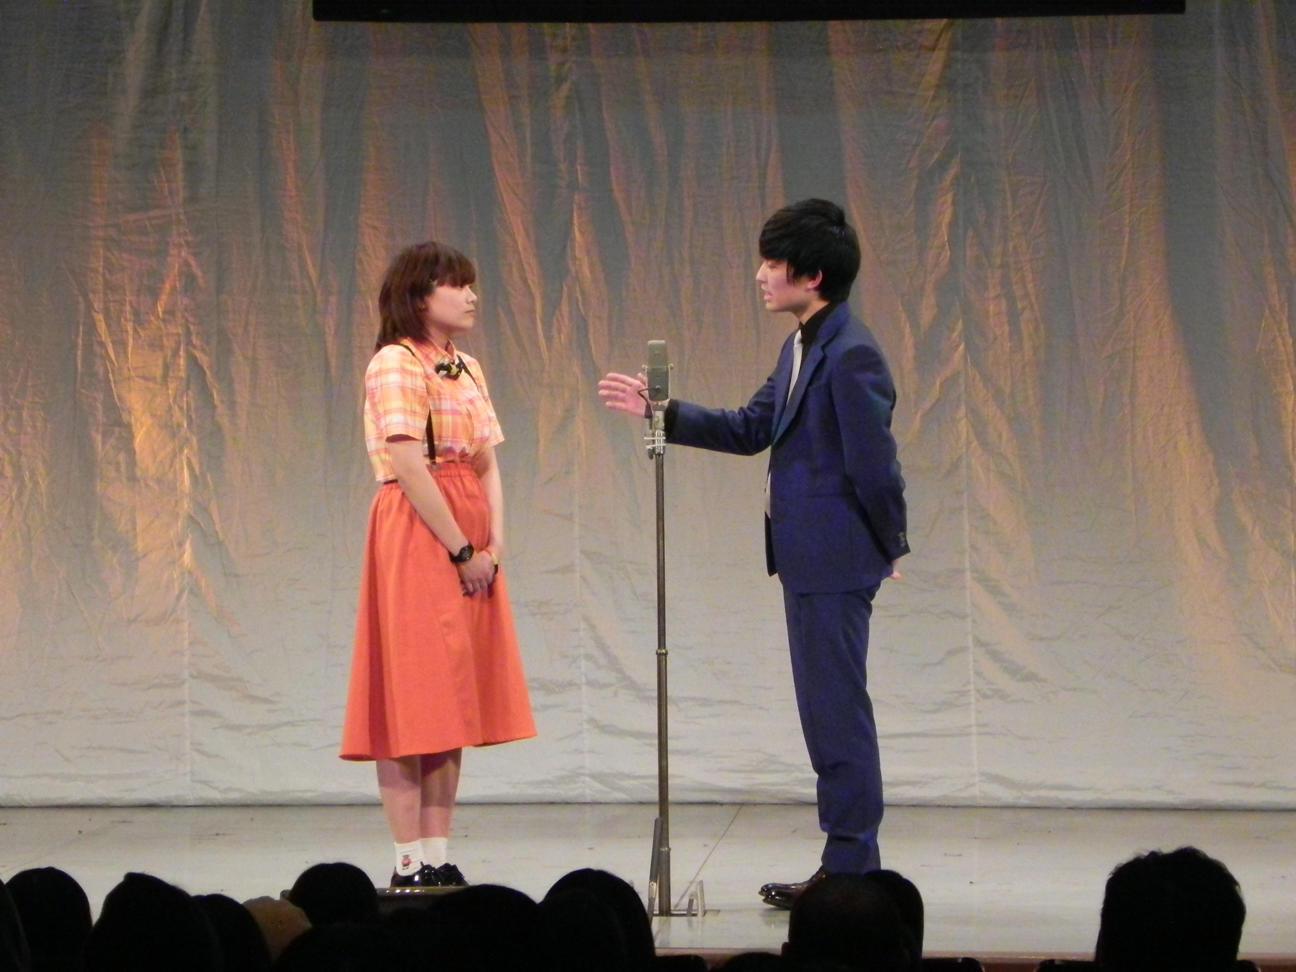 http://news.yoshimoto.co.jp/20170228144348-6c1c2f90365633a7b31417b2f36edf2af46dcef8.jpg